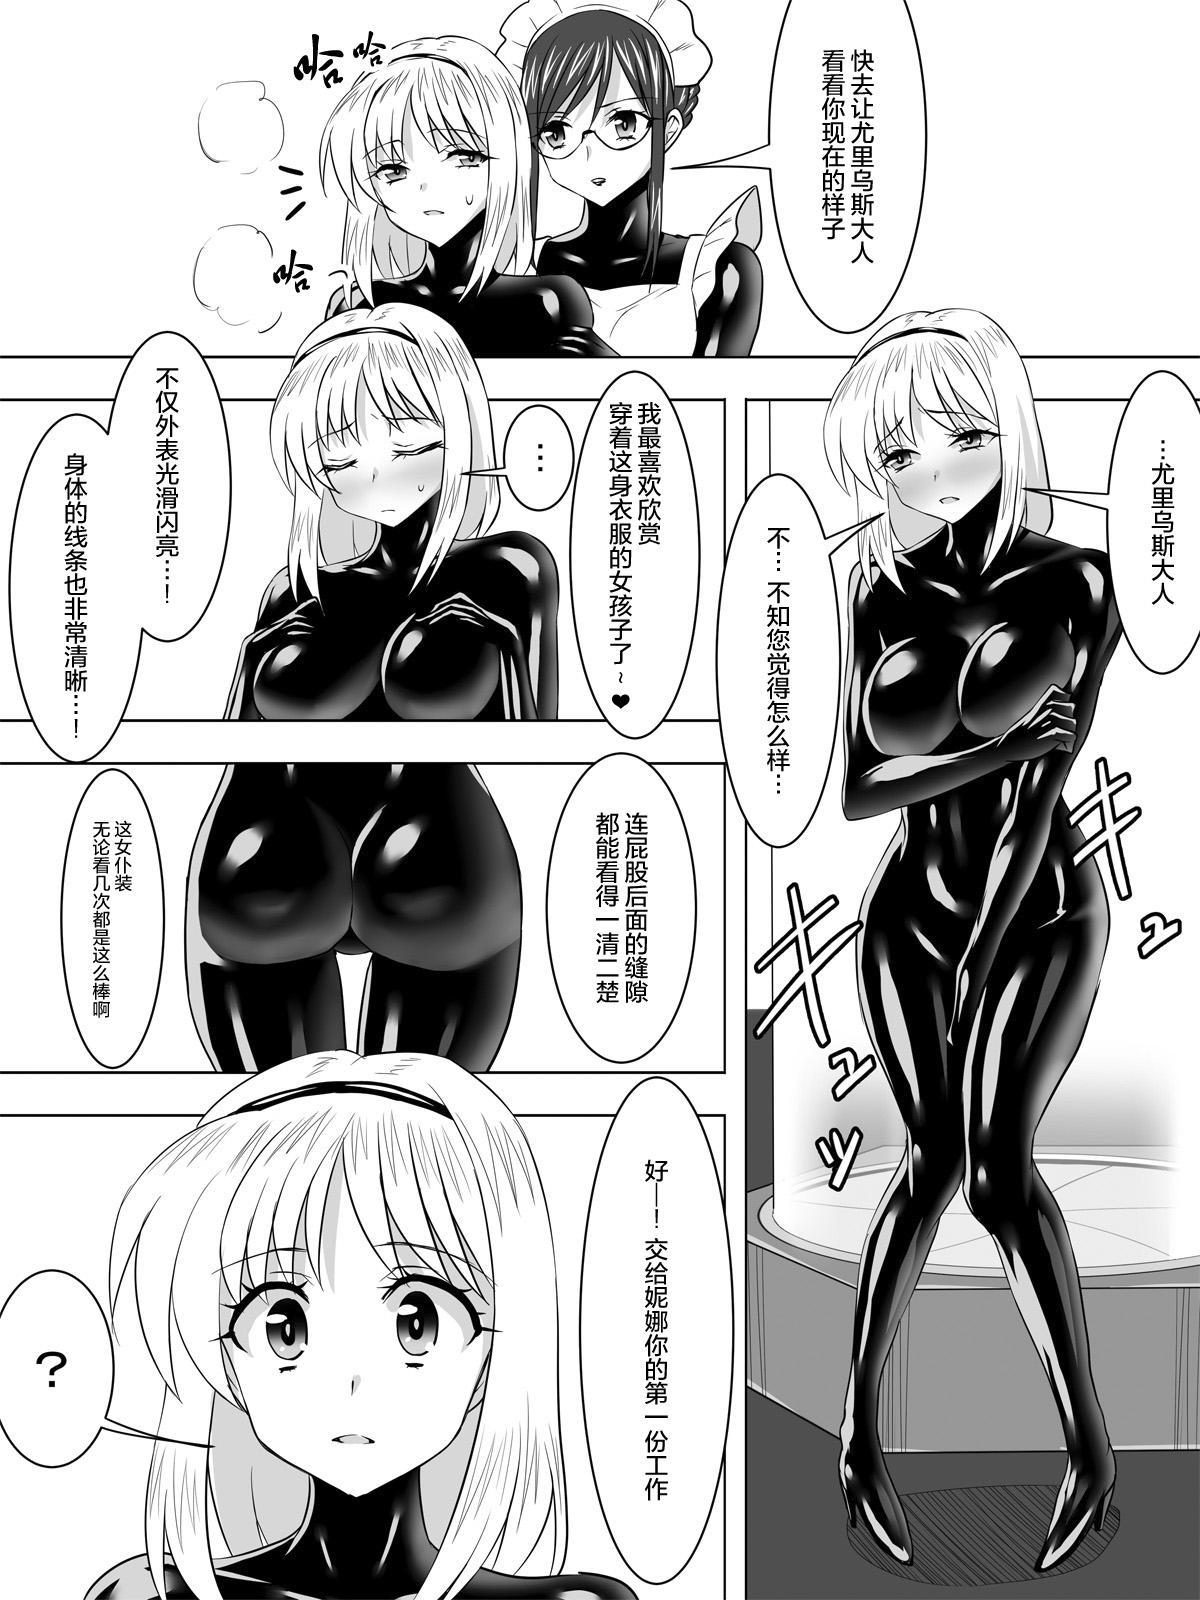 Picchiri Suit Maid to Doutei Kizoku 9